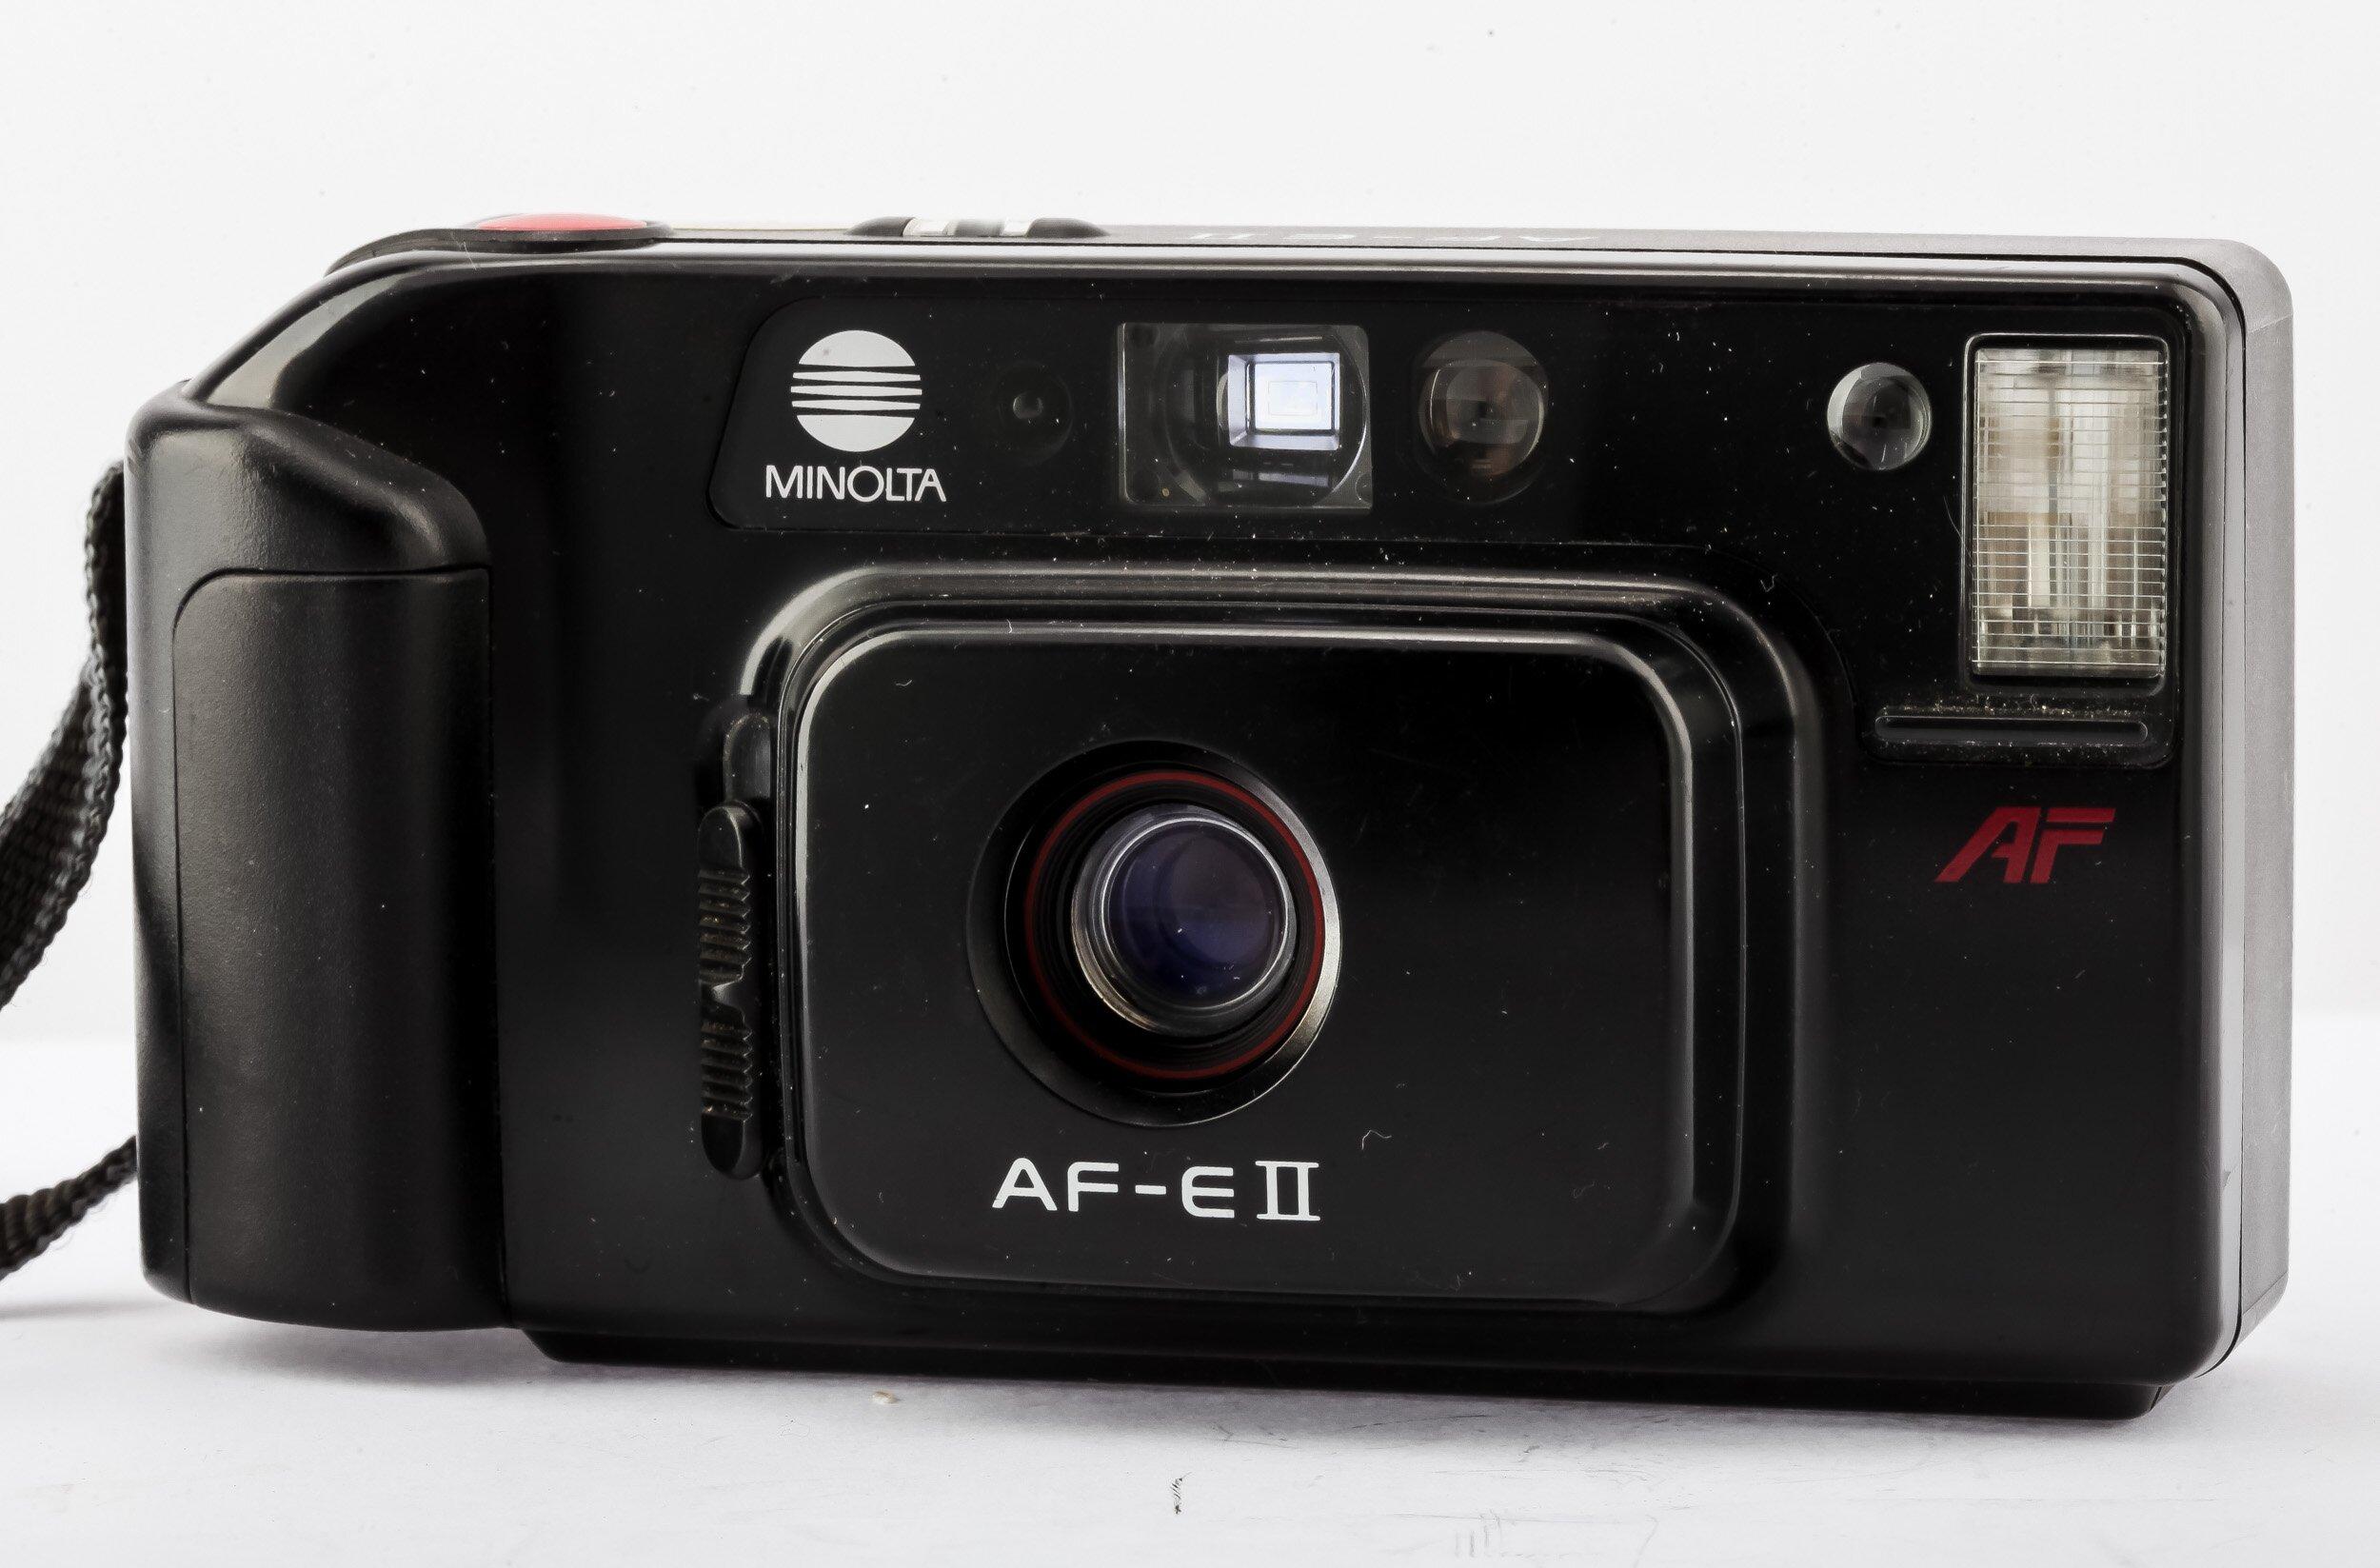 Minolta AF-E II AF Analoge Kompaktkamera